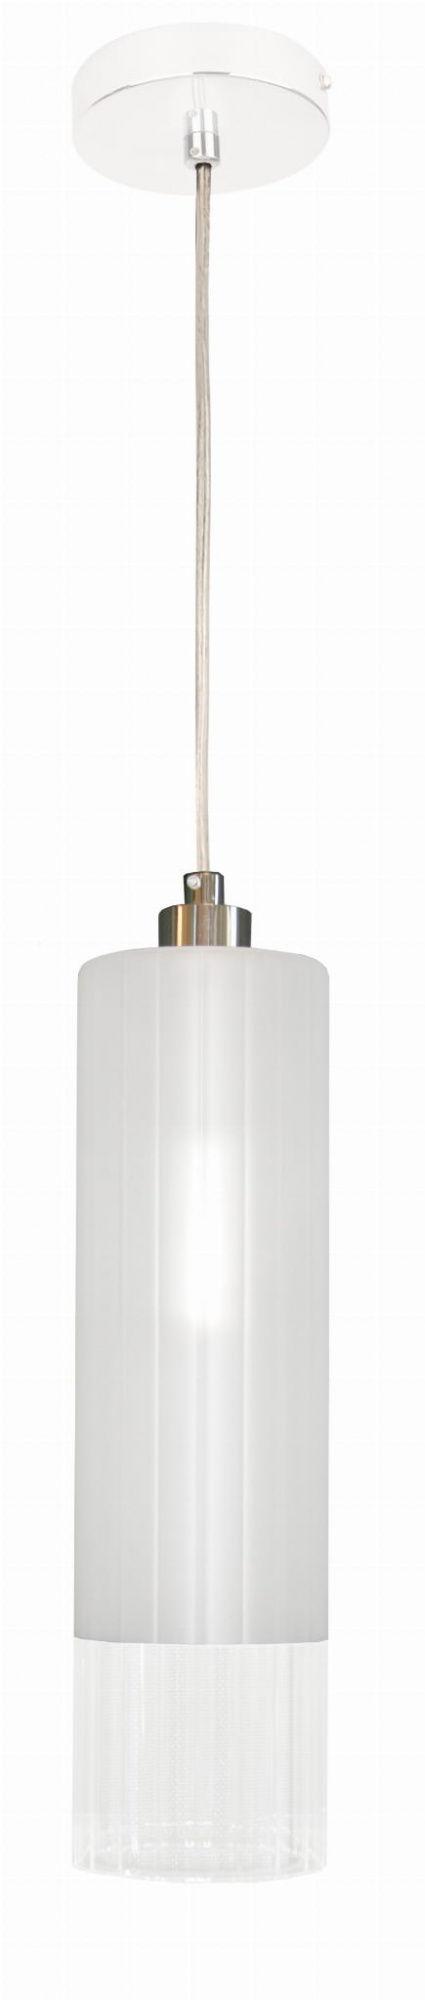 Lampa wisząca Soller LP-598/1P Light Prestige nowoczesna oprawa w kolorze białym